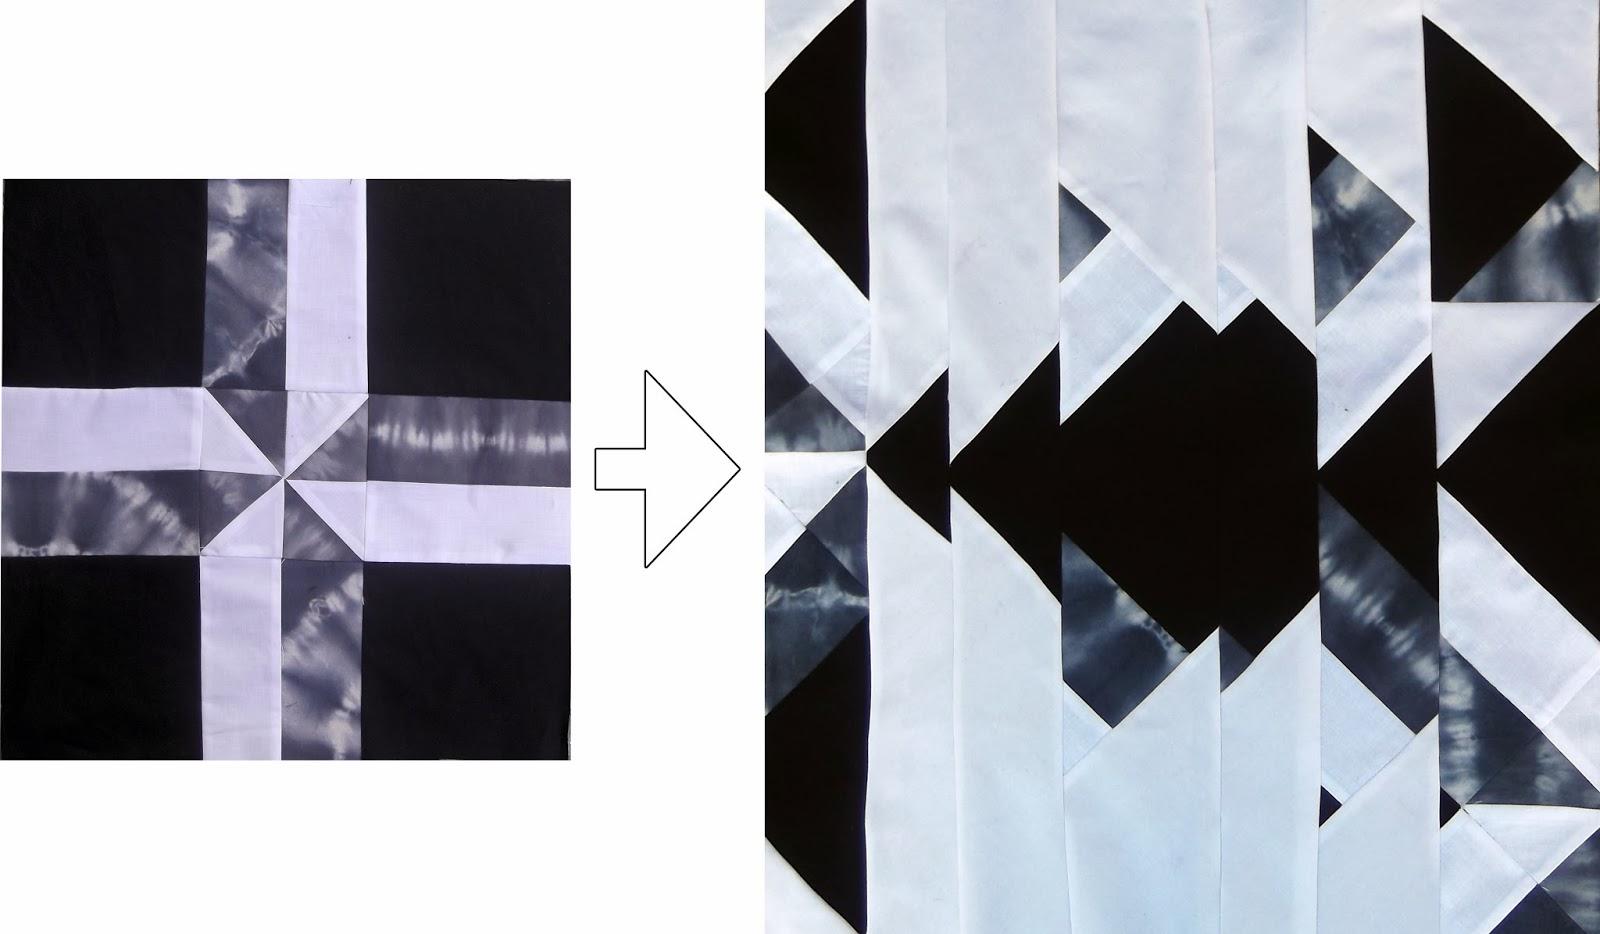 μοντέρνο patchwork. patchwork, patchwork μαθήματα, patchwork οδηγίες